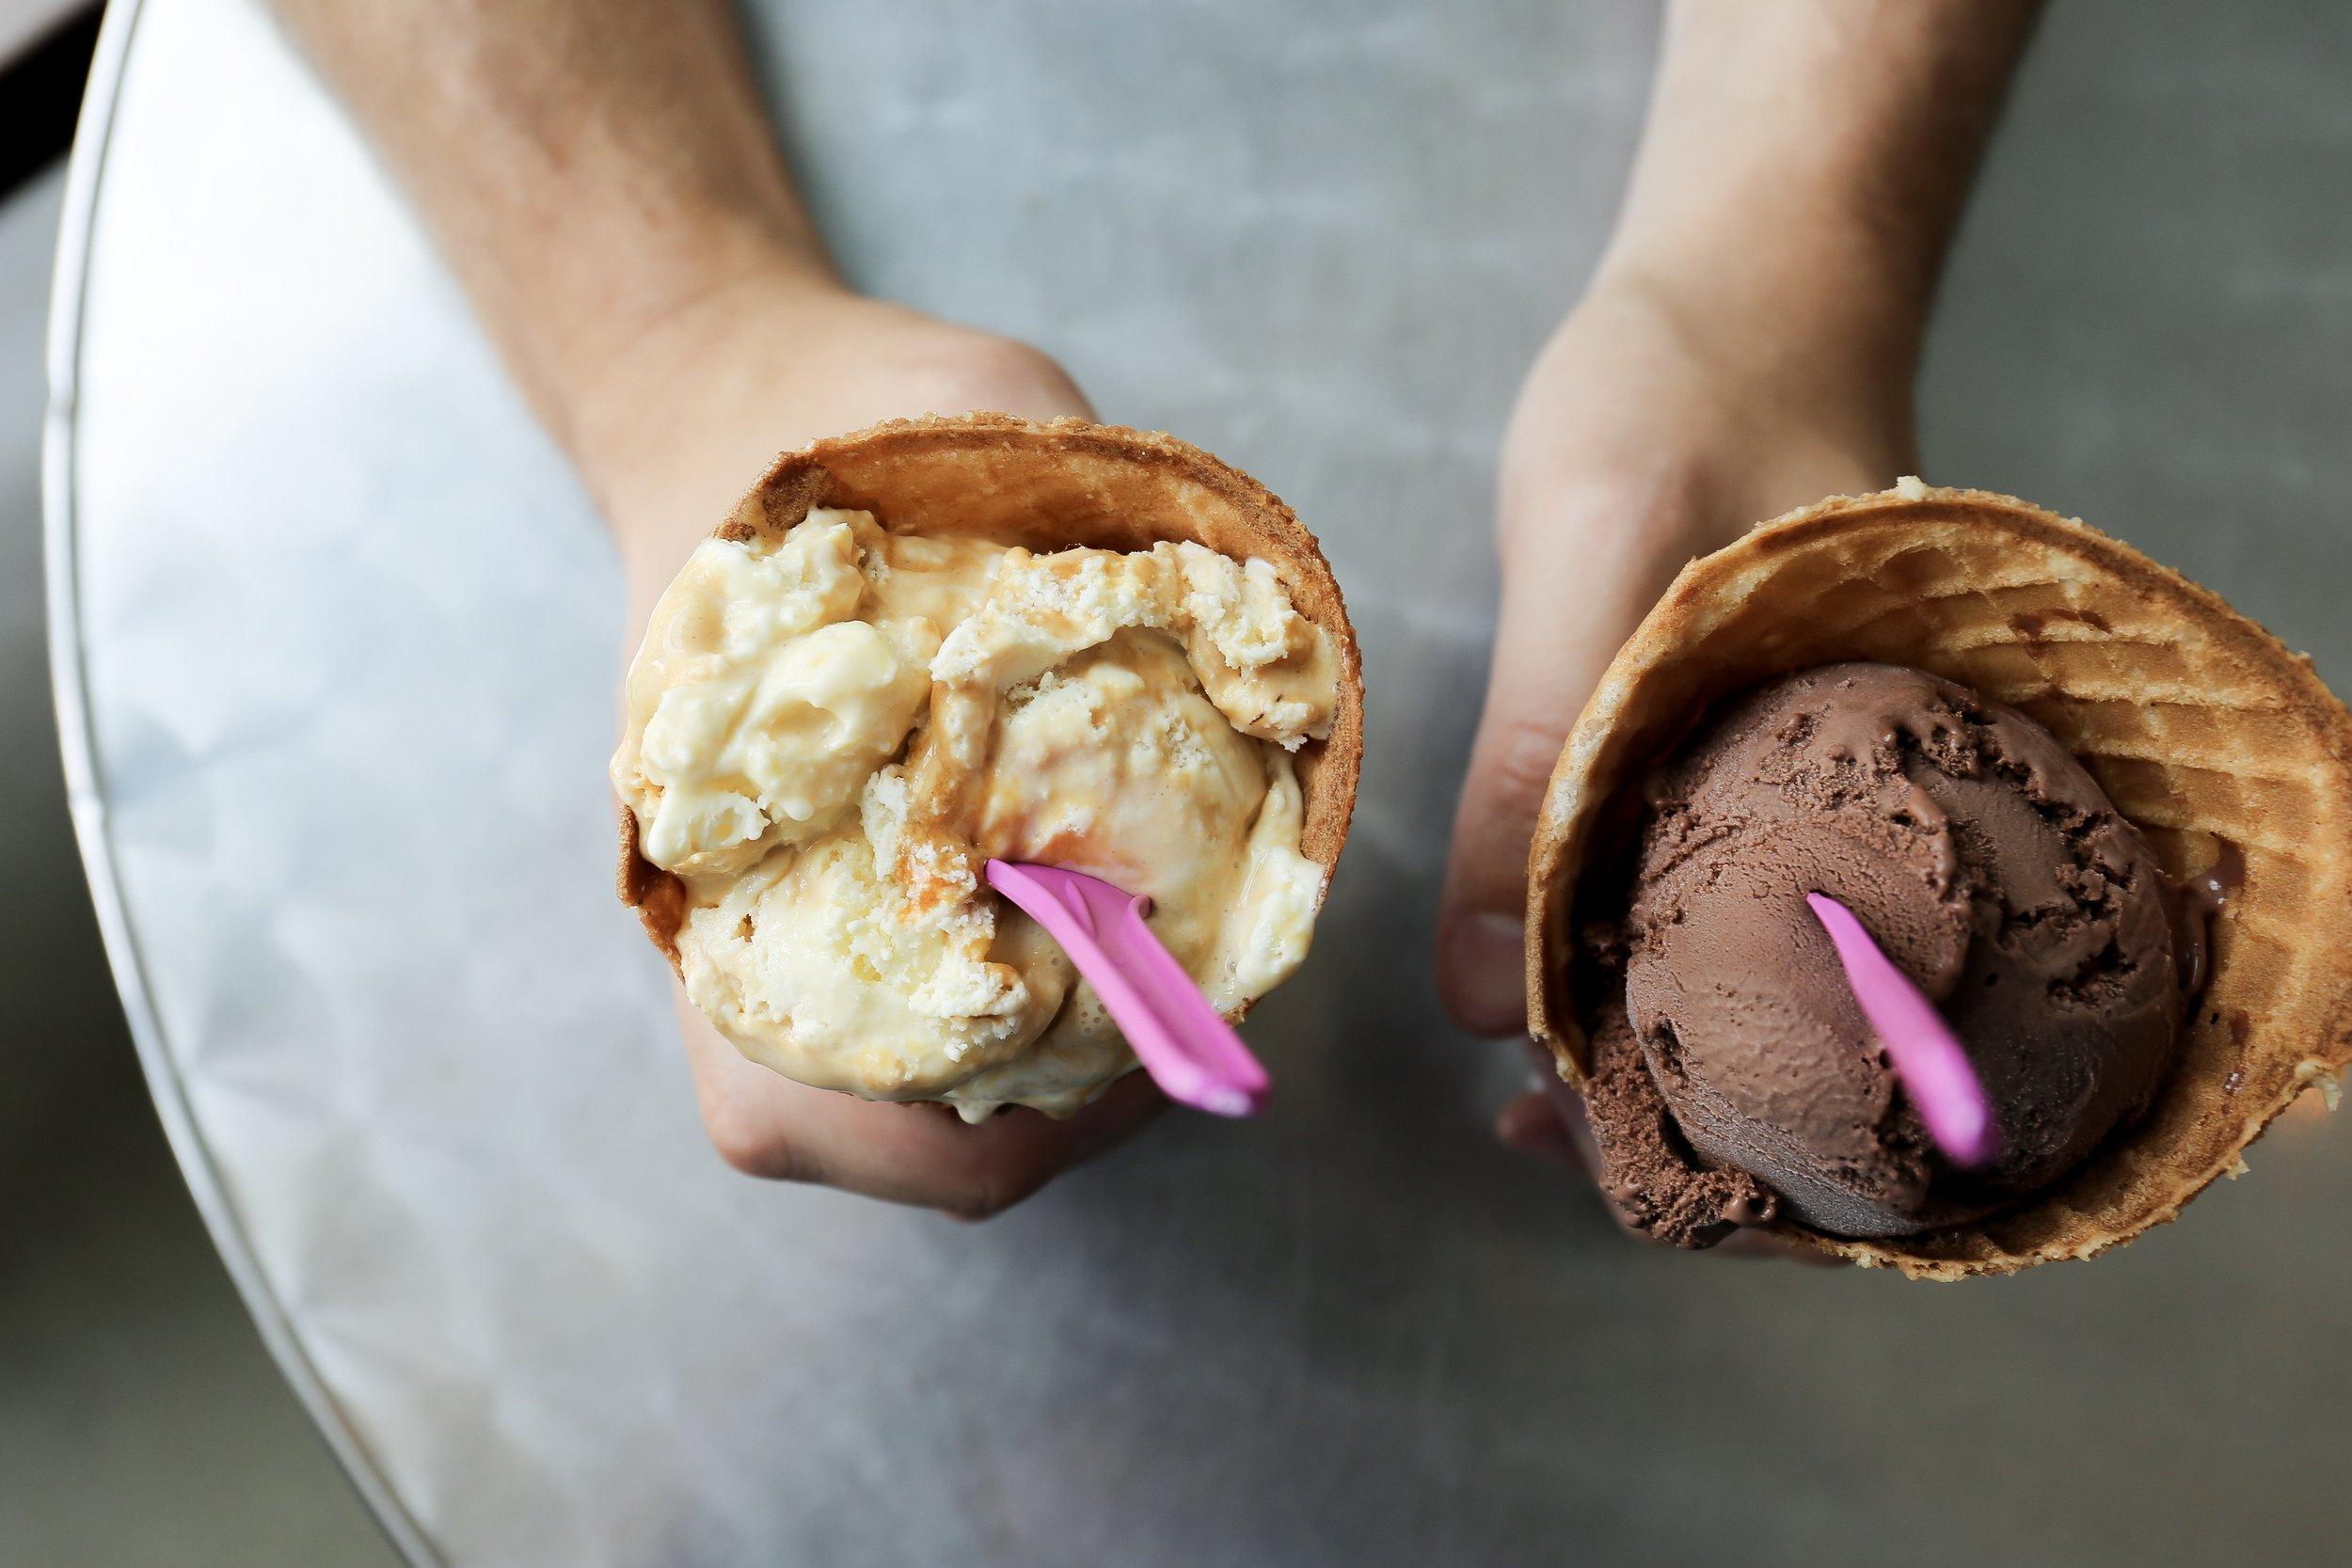 Glacé Artisan Ice Cream.  All photos by Emily Bordner